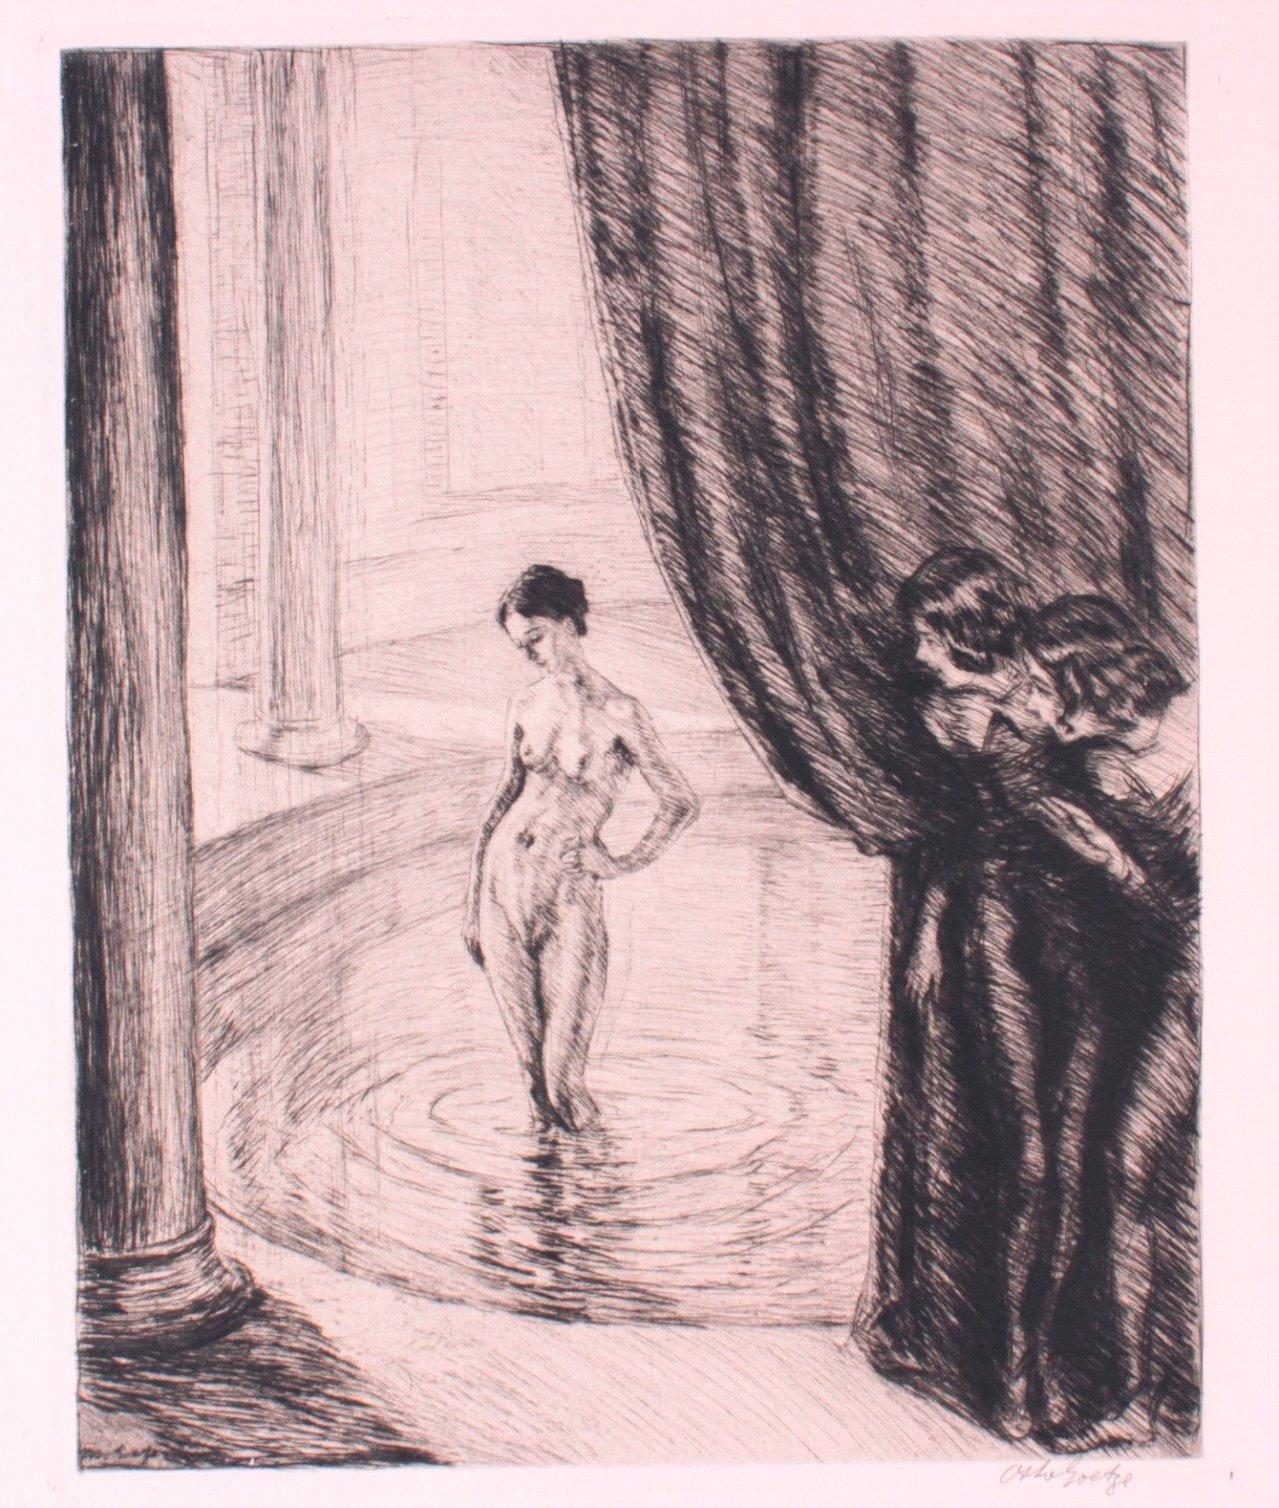 Otto Goetze (1868-1931), Badende